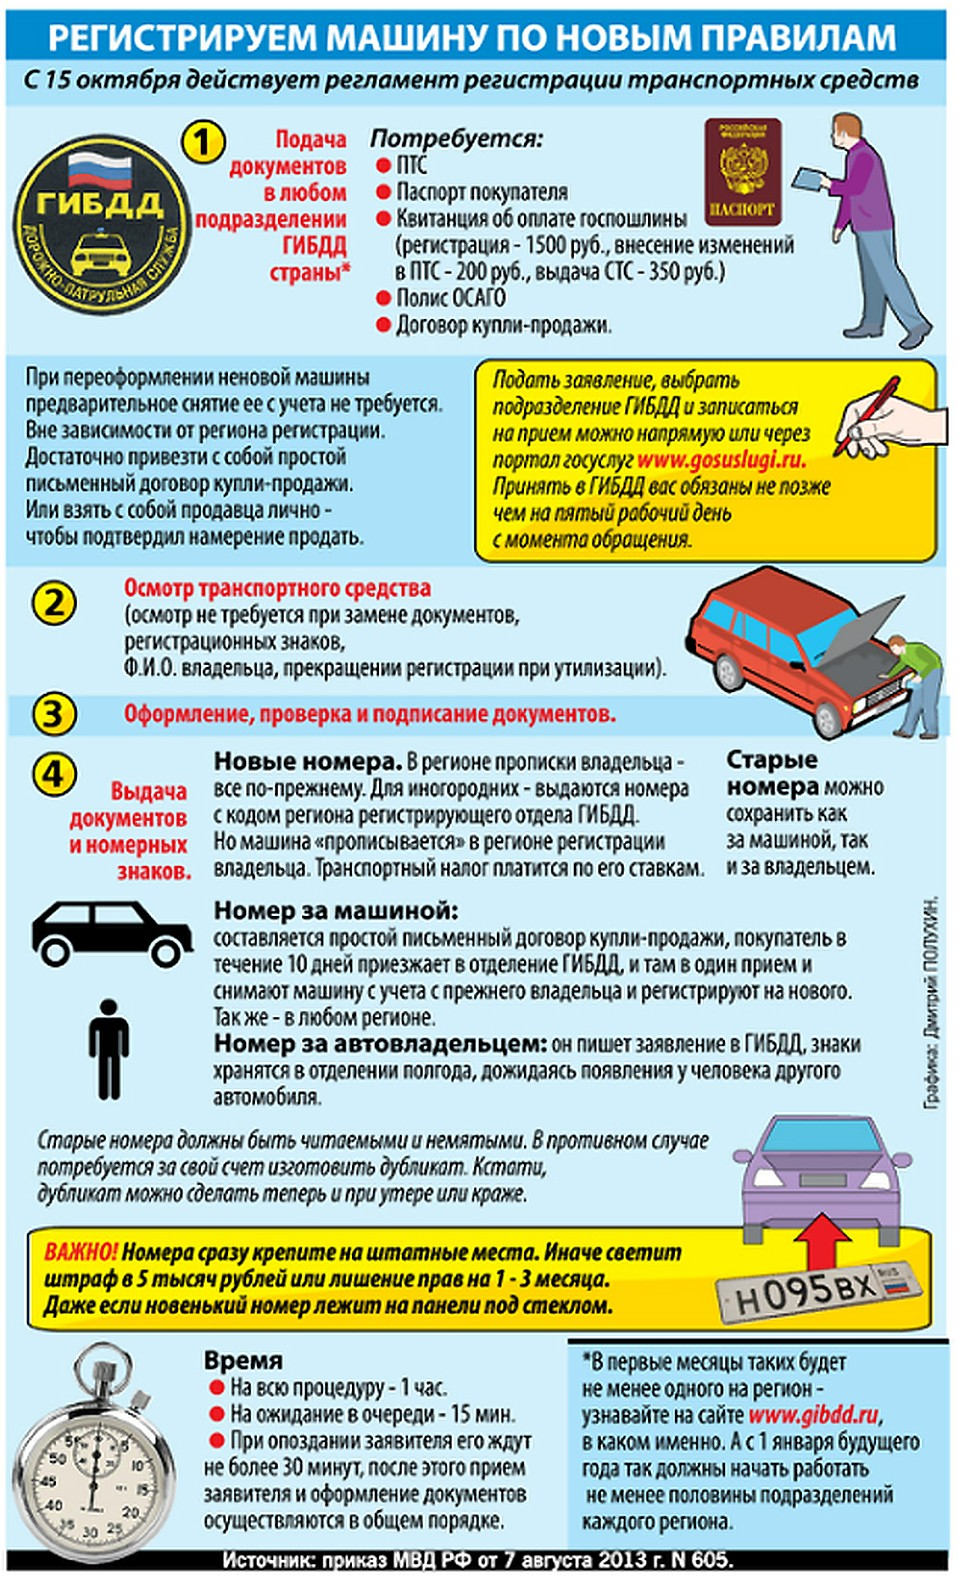 Втб 24 рязань рефинансирование ипотеки